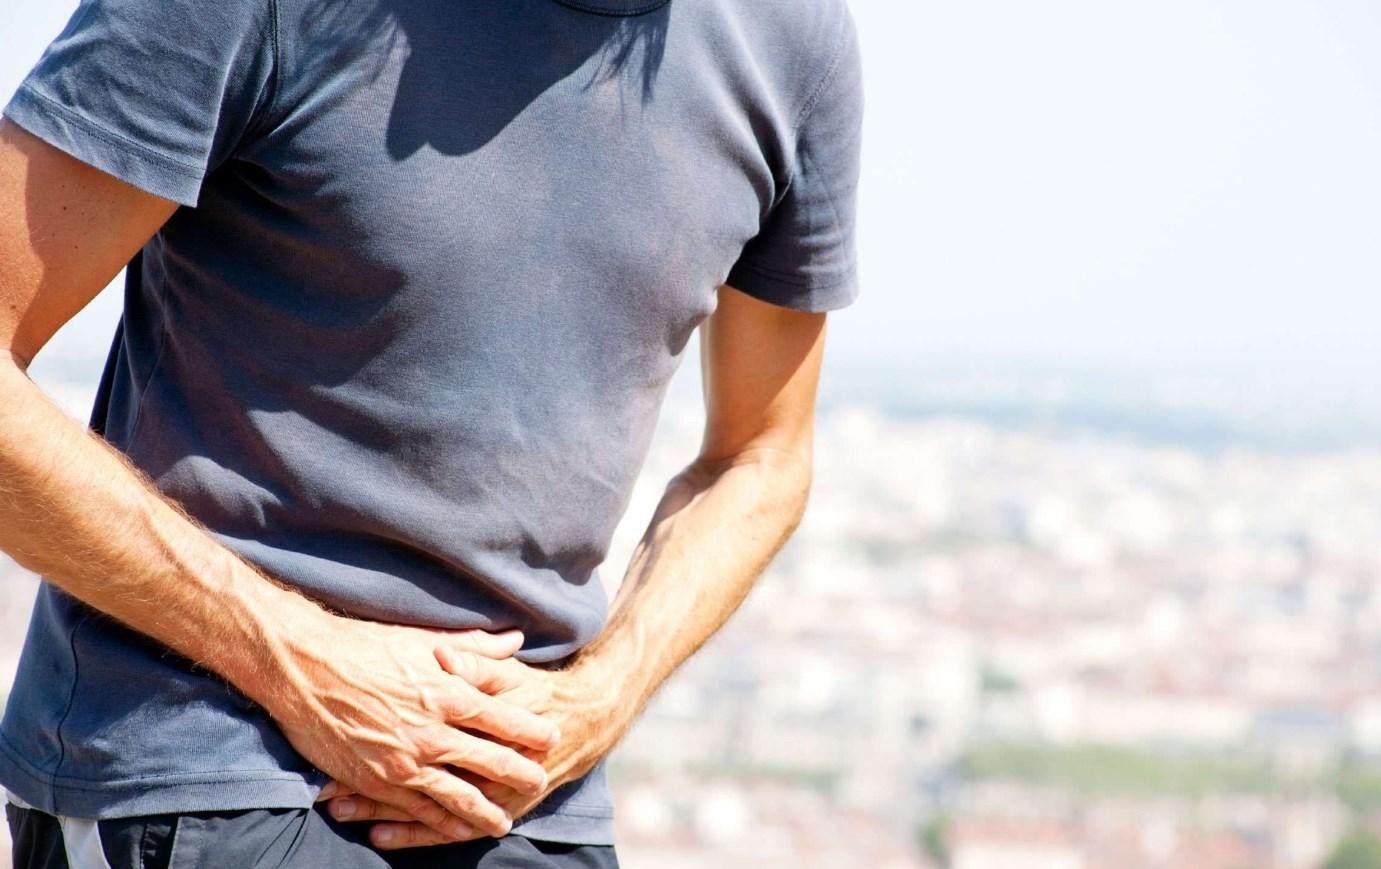 Парень болен простатитом гриб веселка от простатита